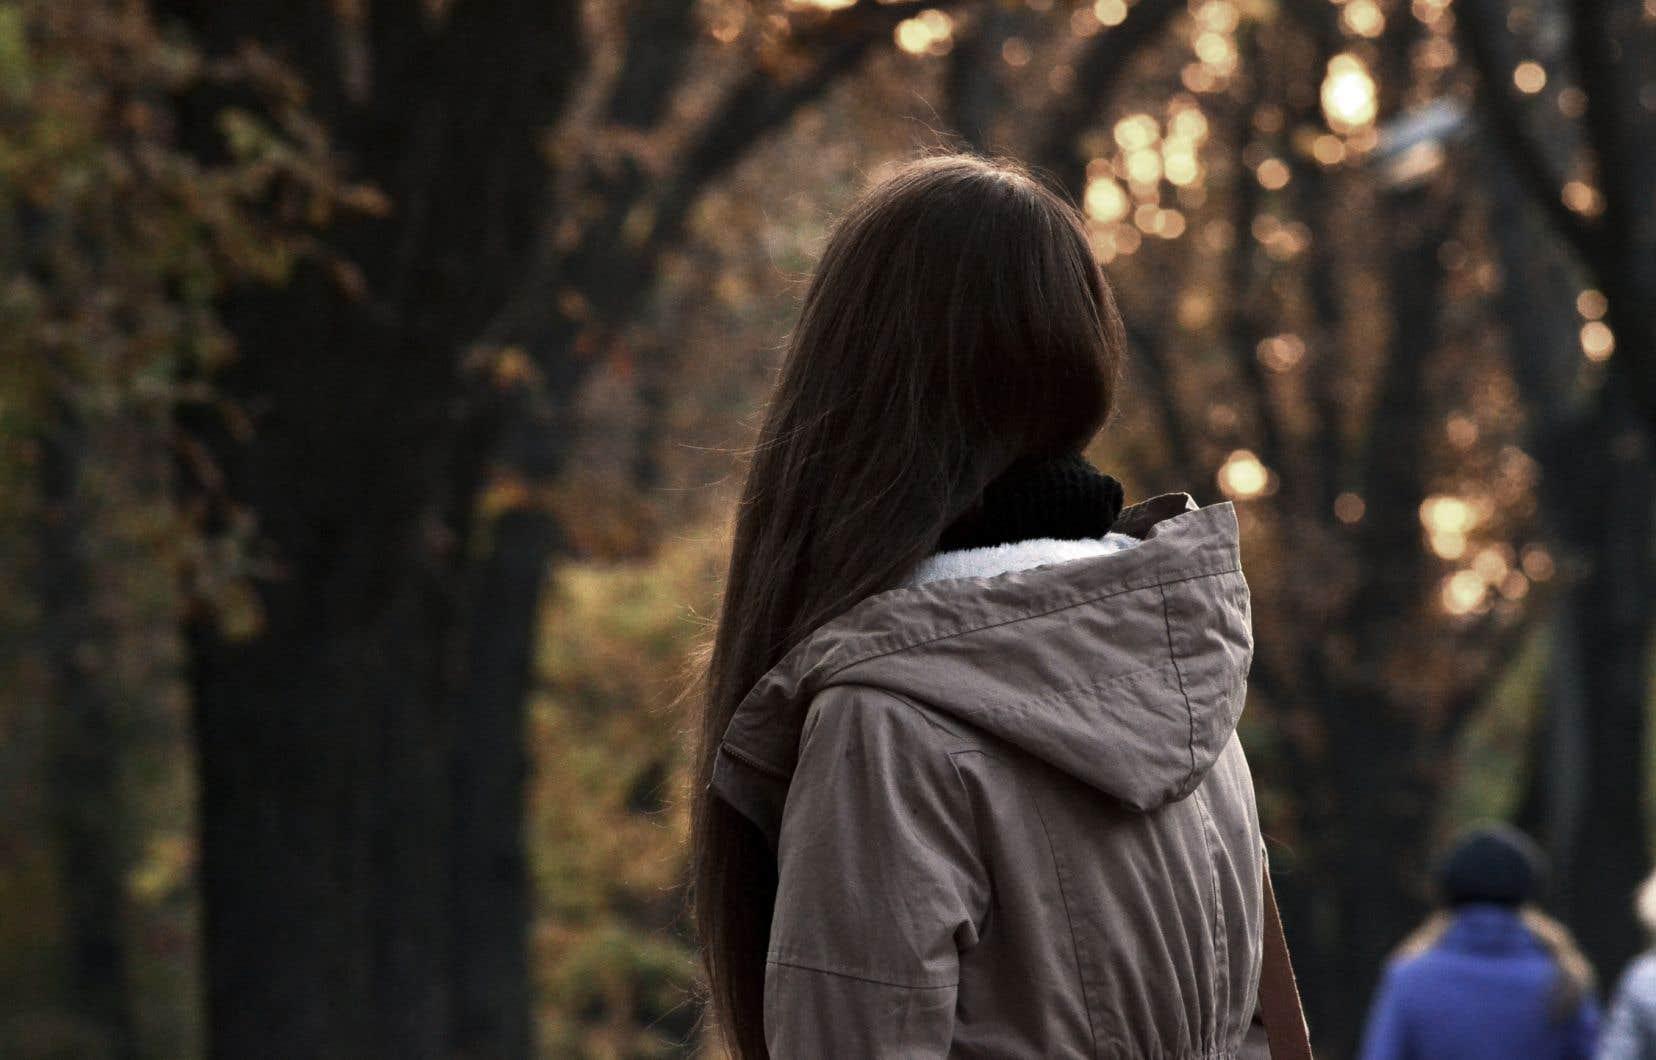 L'efficacité des psychothérapies augmentées de MDMA pour guérir des personnes souffrant d'états de stress post-traumatique a été mise en évidence dans plusieurs essais cliniques préliminaires menés par MAPS depuis une dizaine d'années.